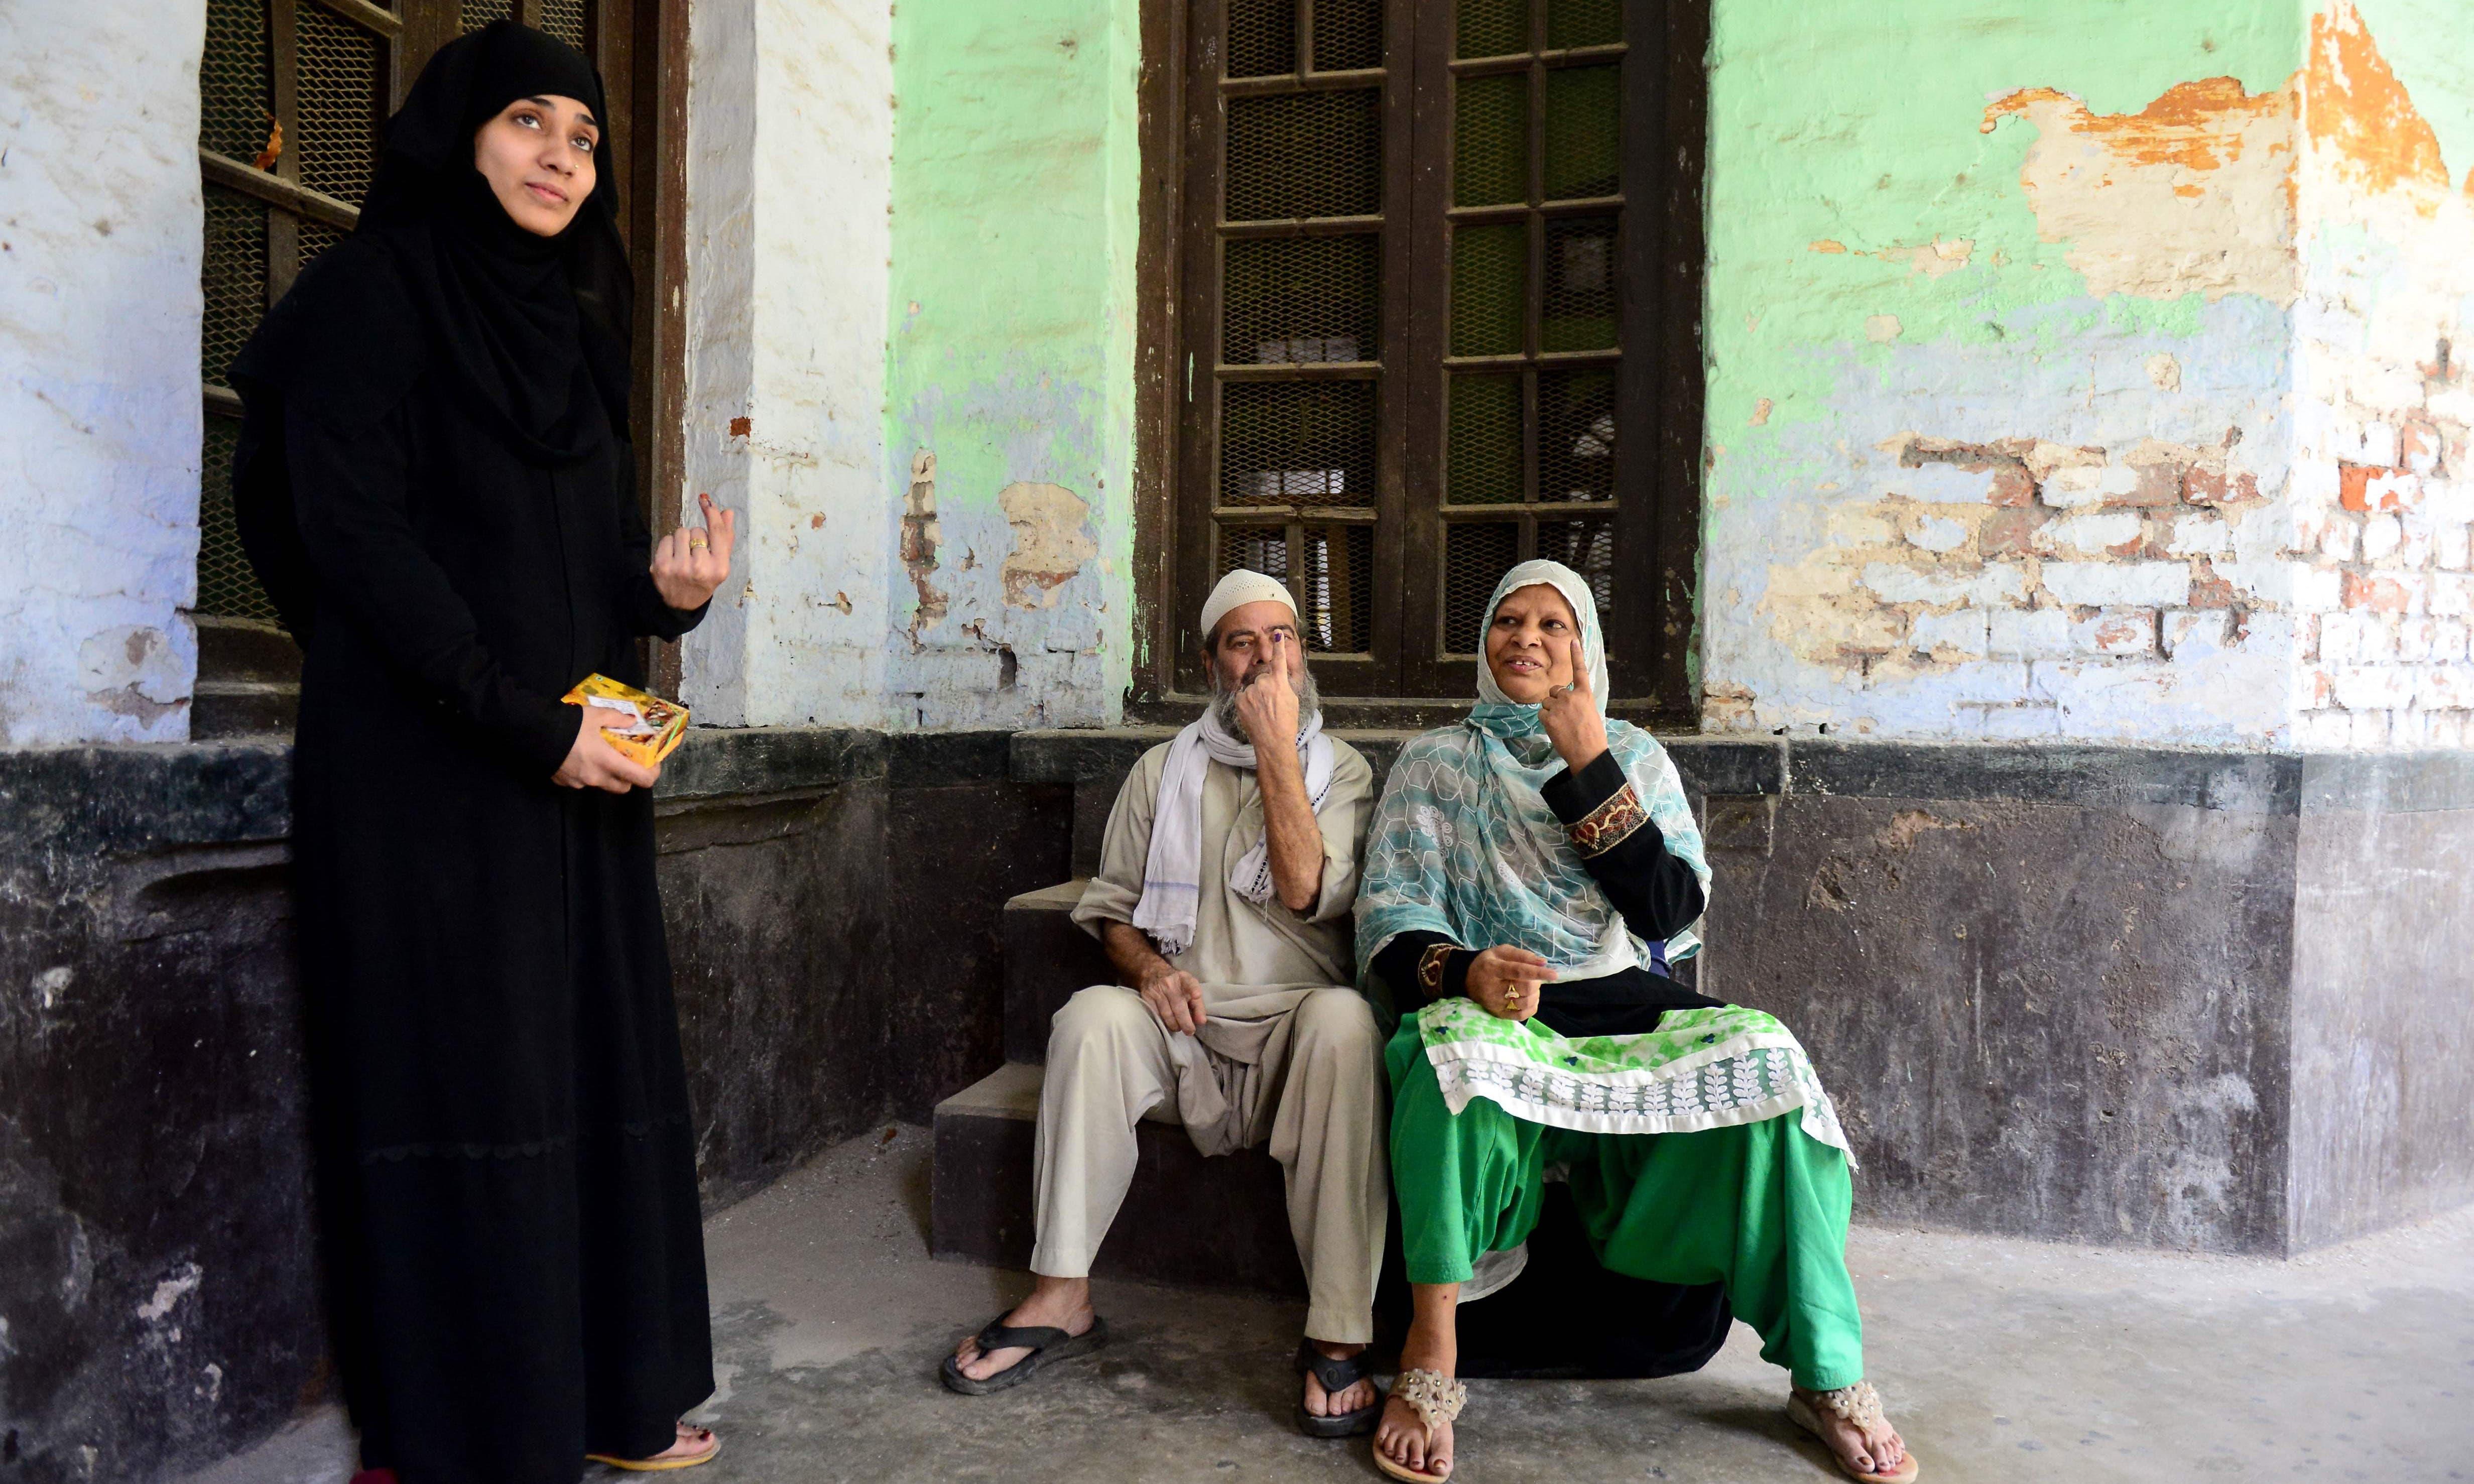 مسلم ووٹرز بھی بڑی تعداد میں پولنگ اسٹیشنز پہنچے —فوٹو/ اے ایف پی